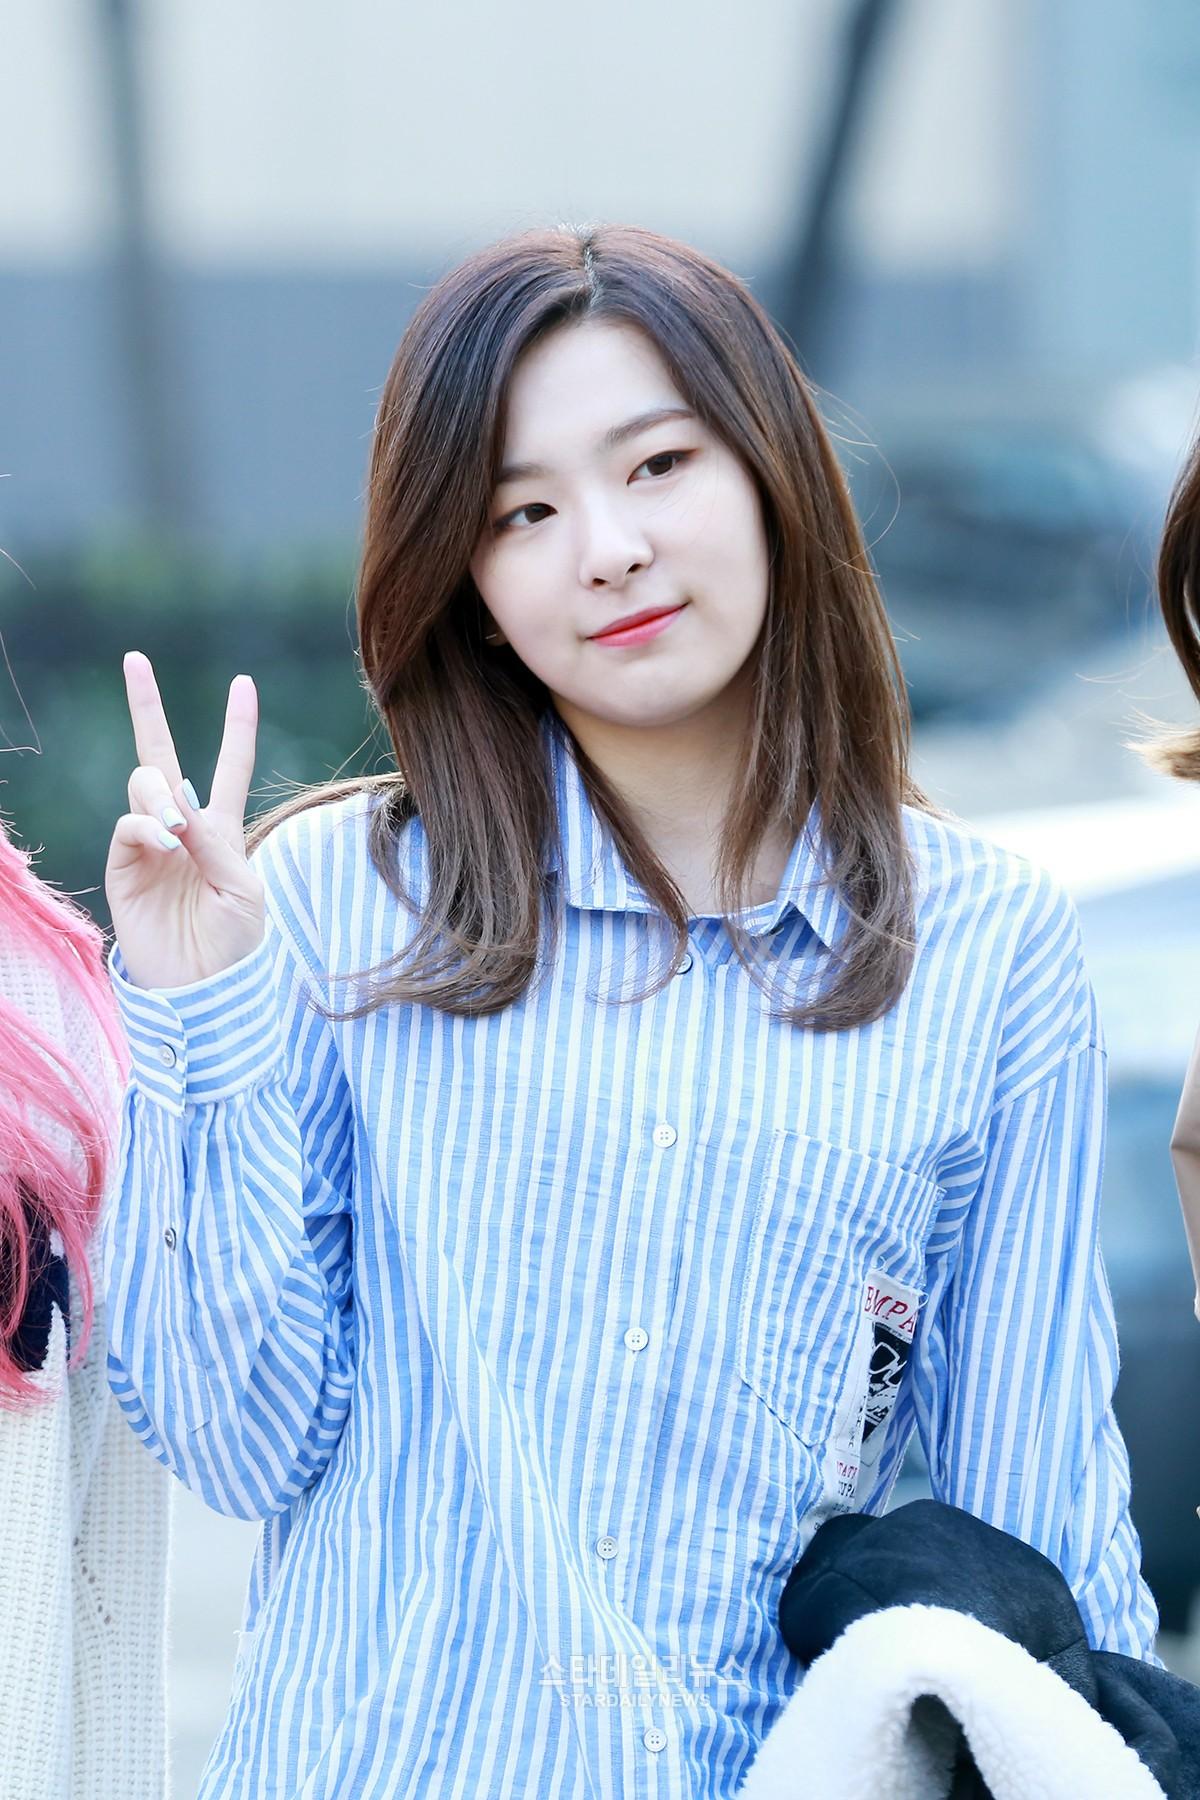 Tài tử được nhiều sao nữ chọn là hình mẫu lý tưởng nhất xứ Hàn: Từ Suzy cho đến mẹ Kim Tan đều mê mẩn - Ảnh 11.